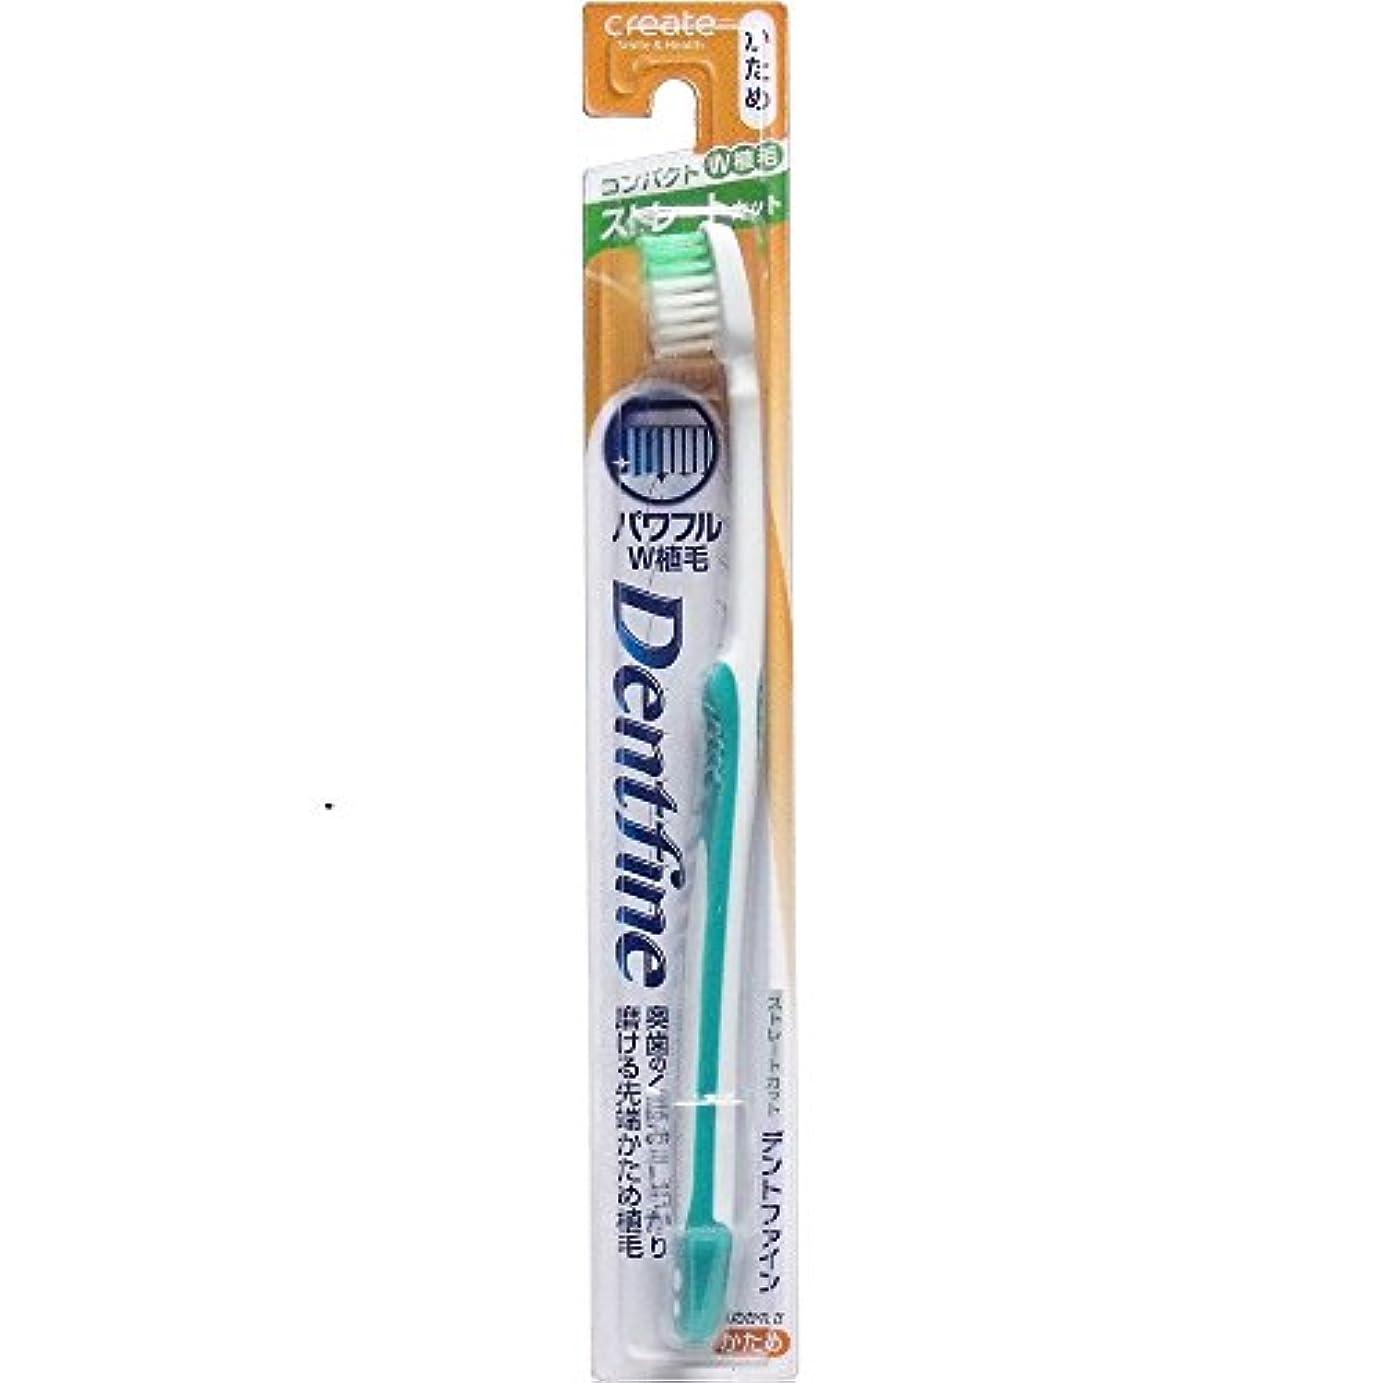 ズボン有能なパーツデントファイン ラバーグリップ ストレートカット 歯ブラシ かため 1本:グリーン